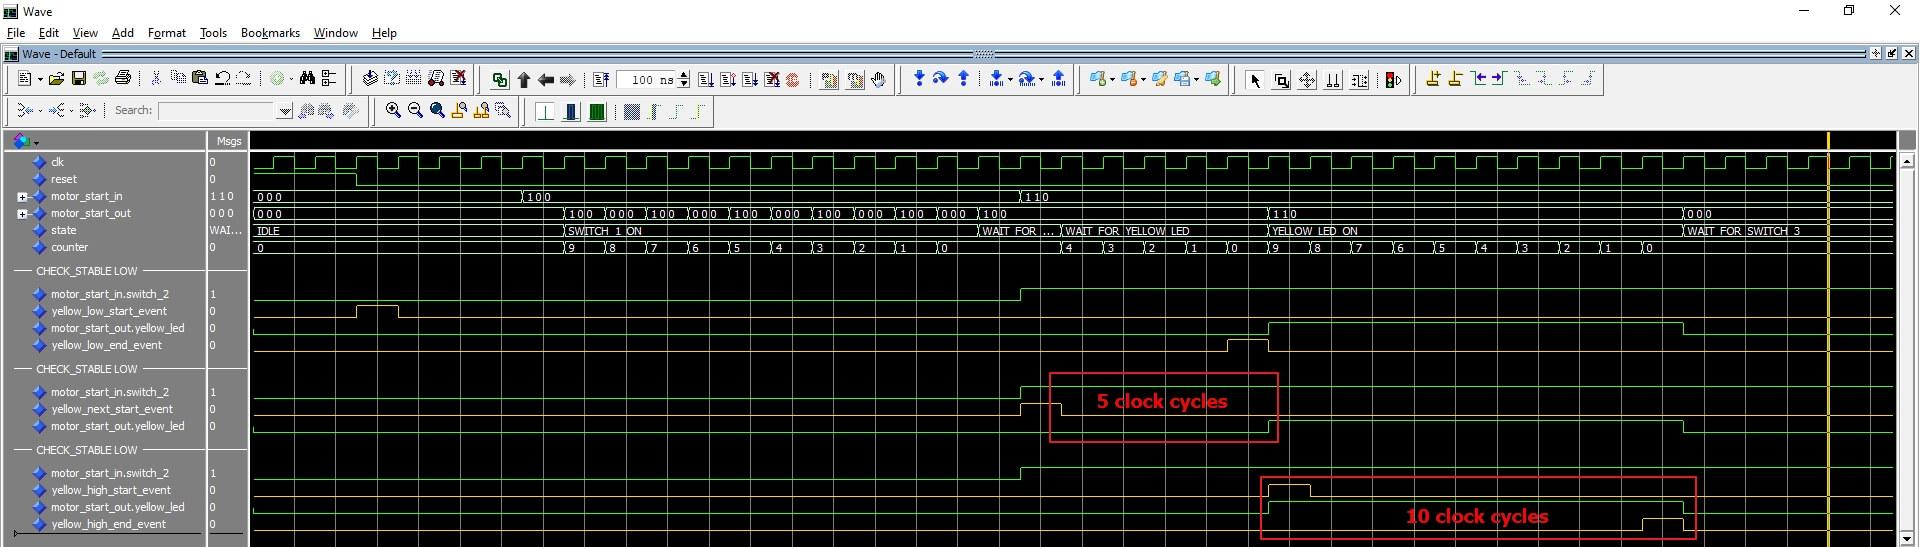 ModelSim waveform